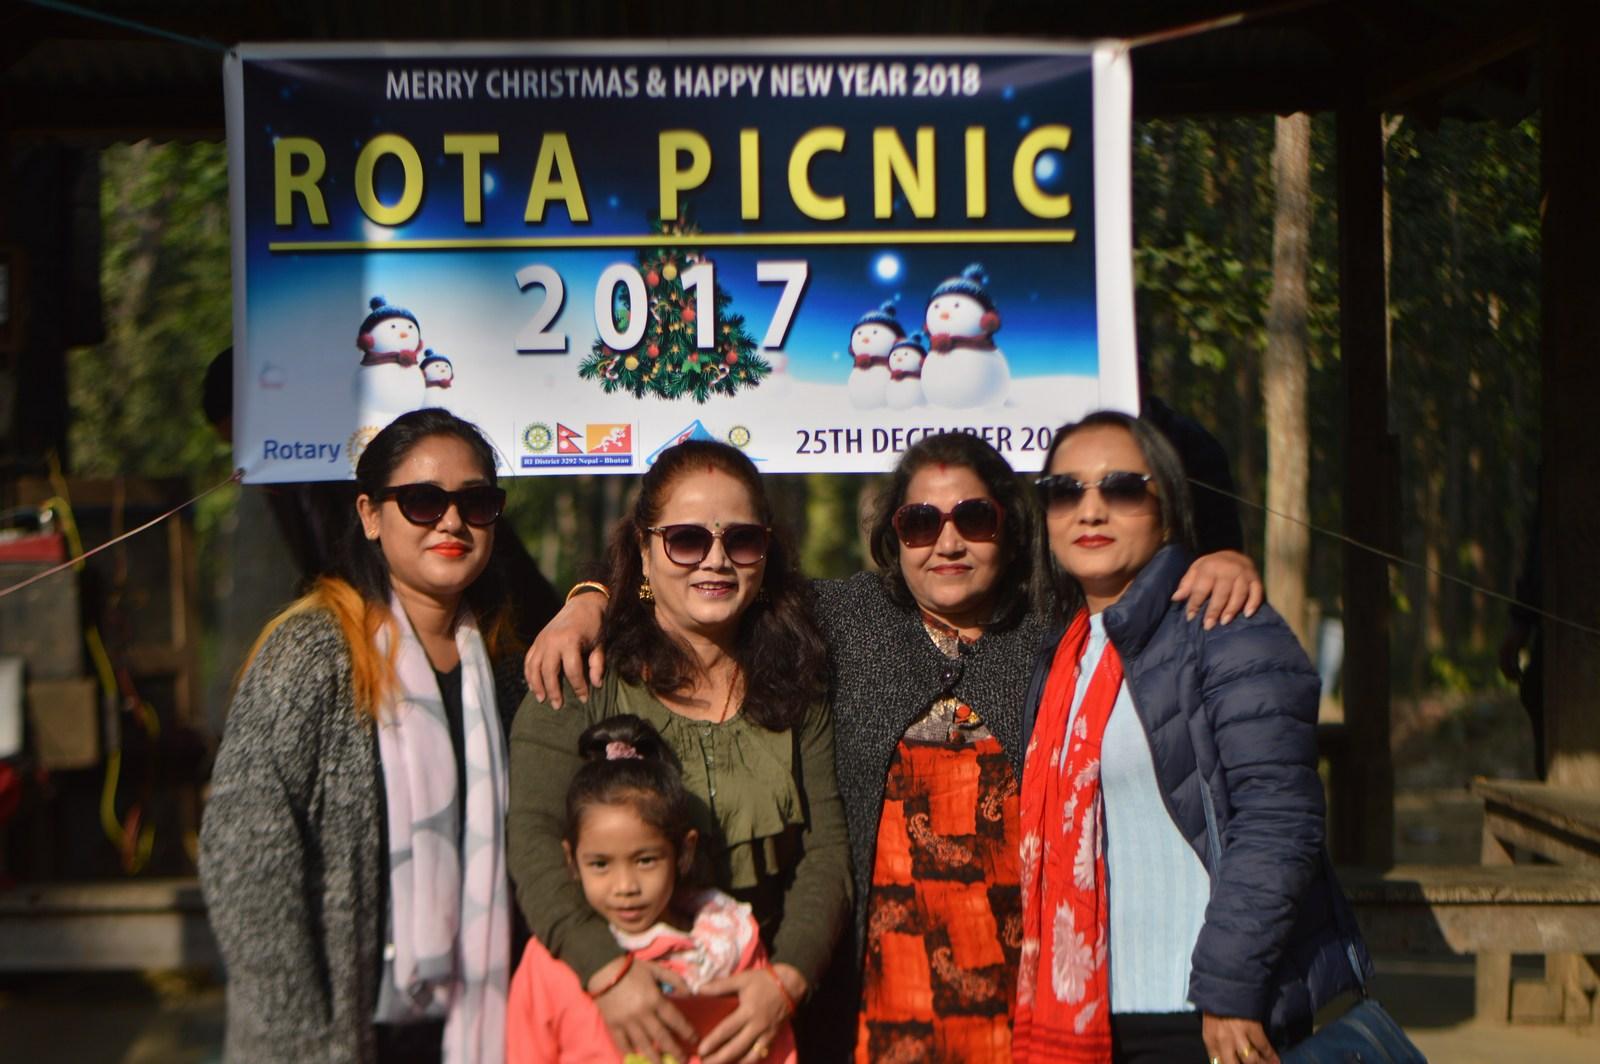 Rota-Picnic-2017-Rotary-Club-of-Kakarvitta-4